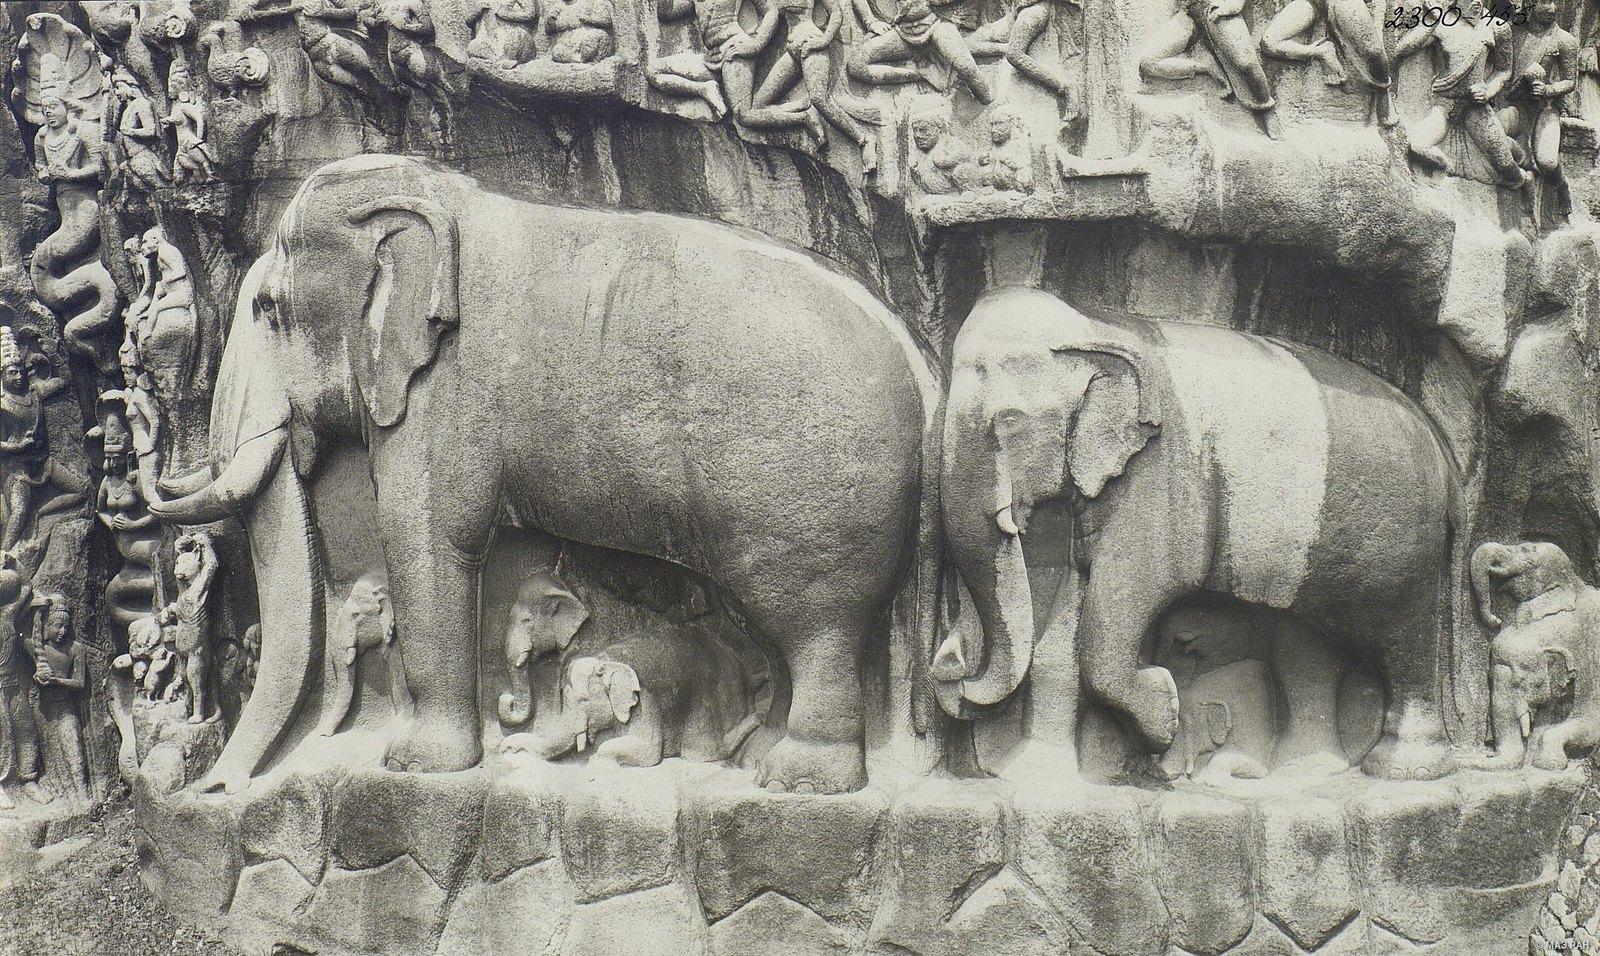 Мамаллапур (деталь рельефа со слонами на скале) (4)